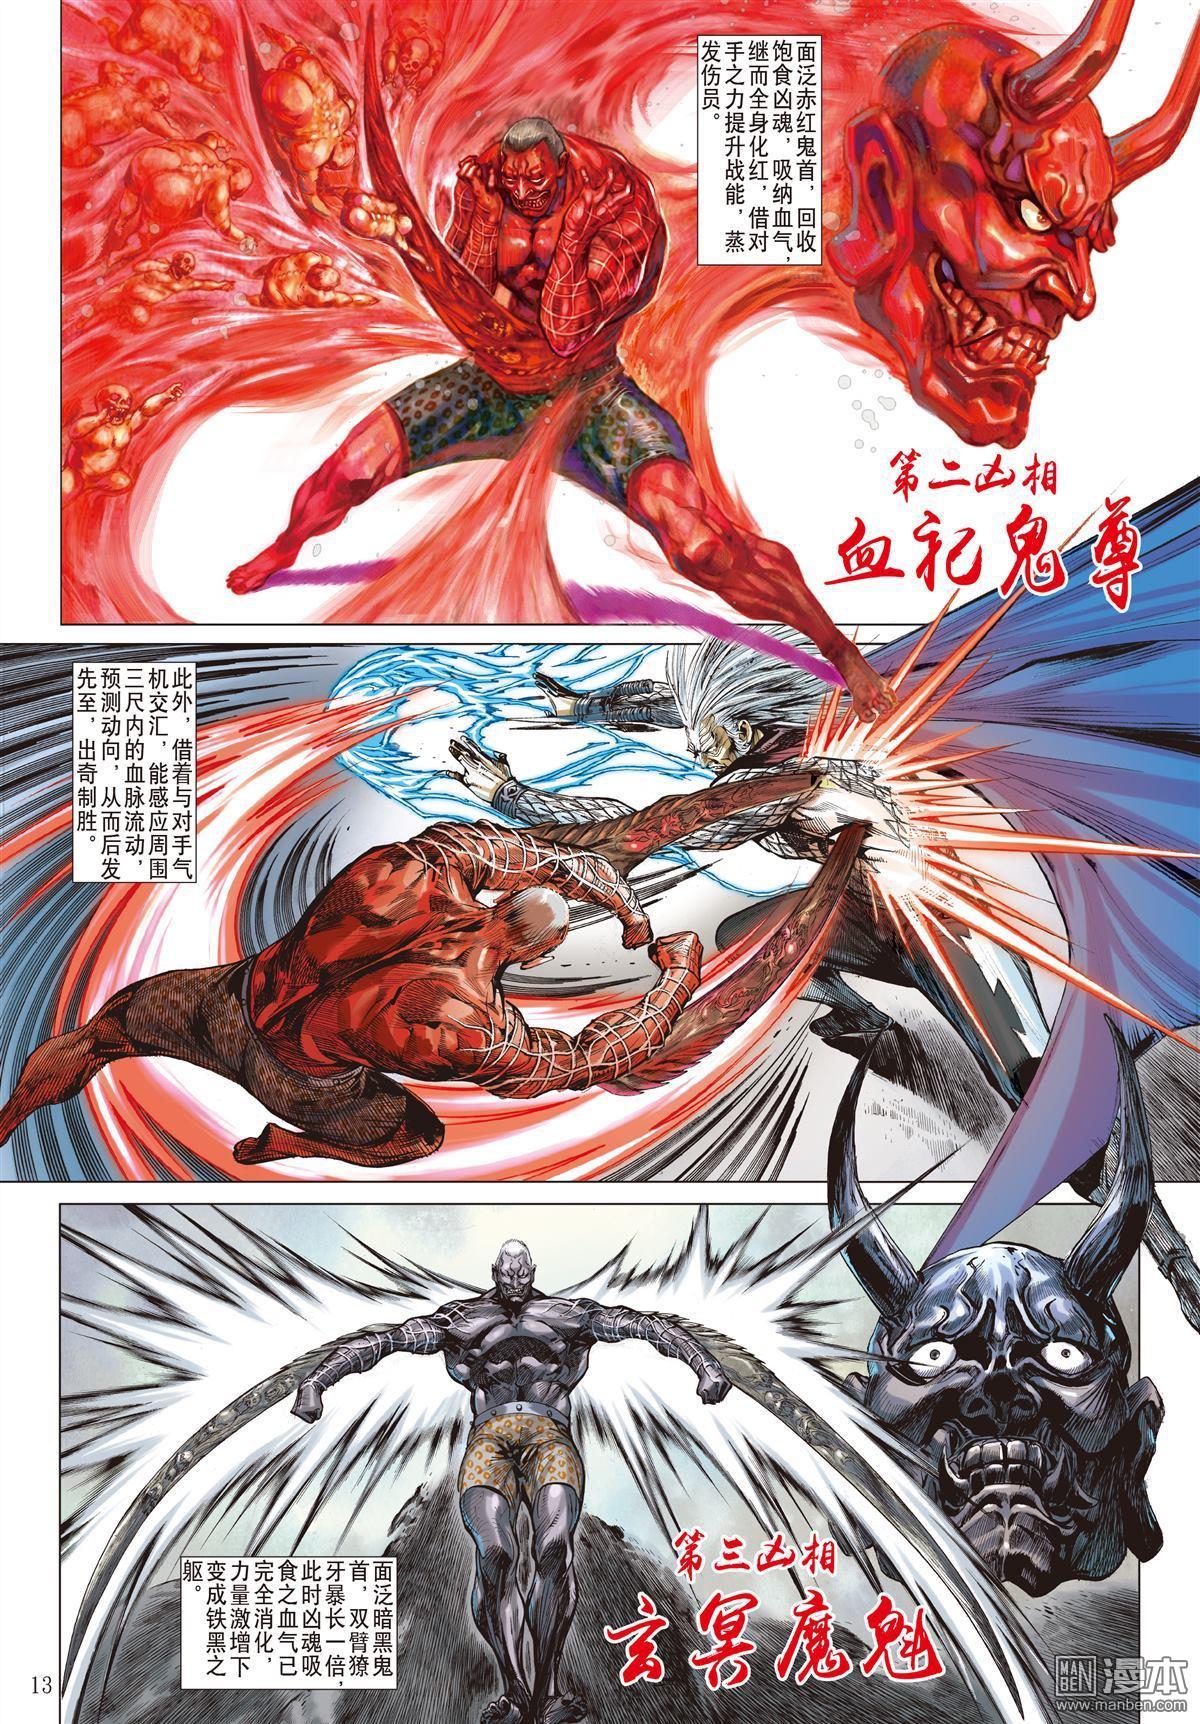 山海逆戰漫畫第218回 回天血蔘(中)(第1頁)劇情-二次元動漫